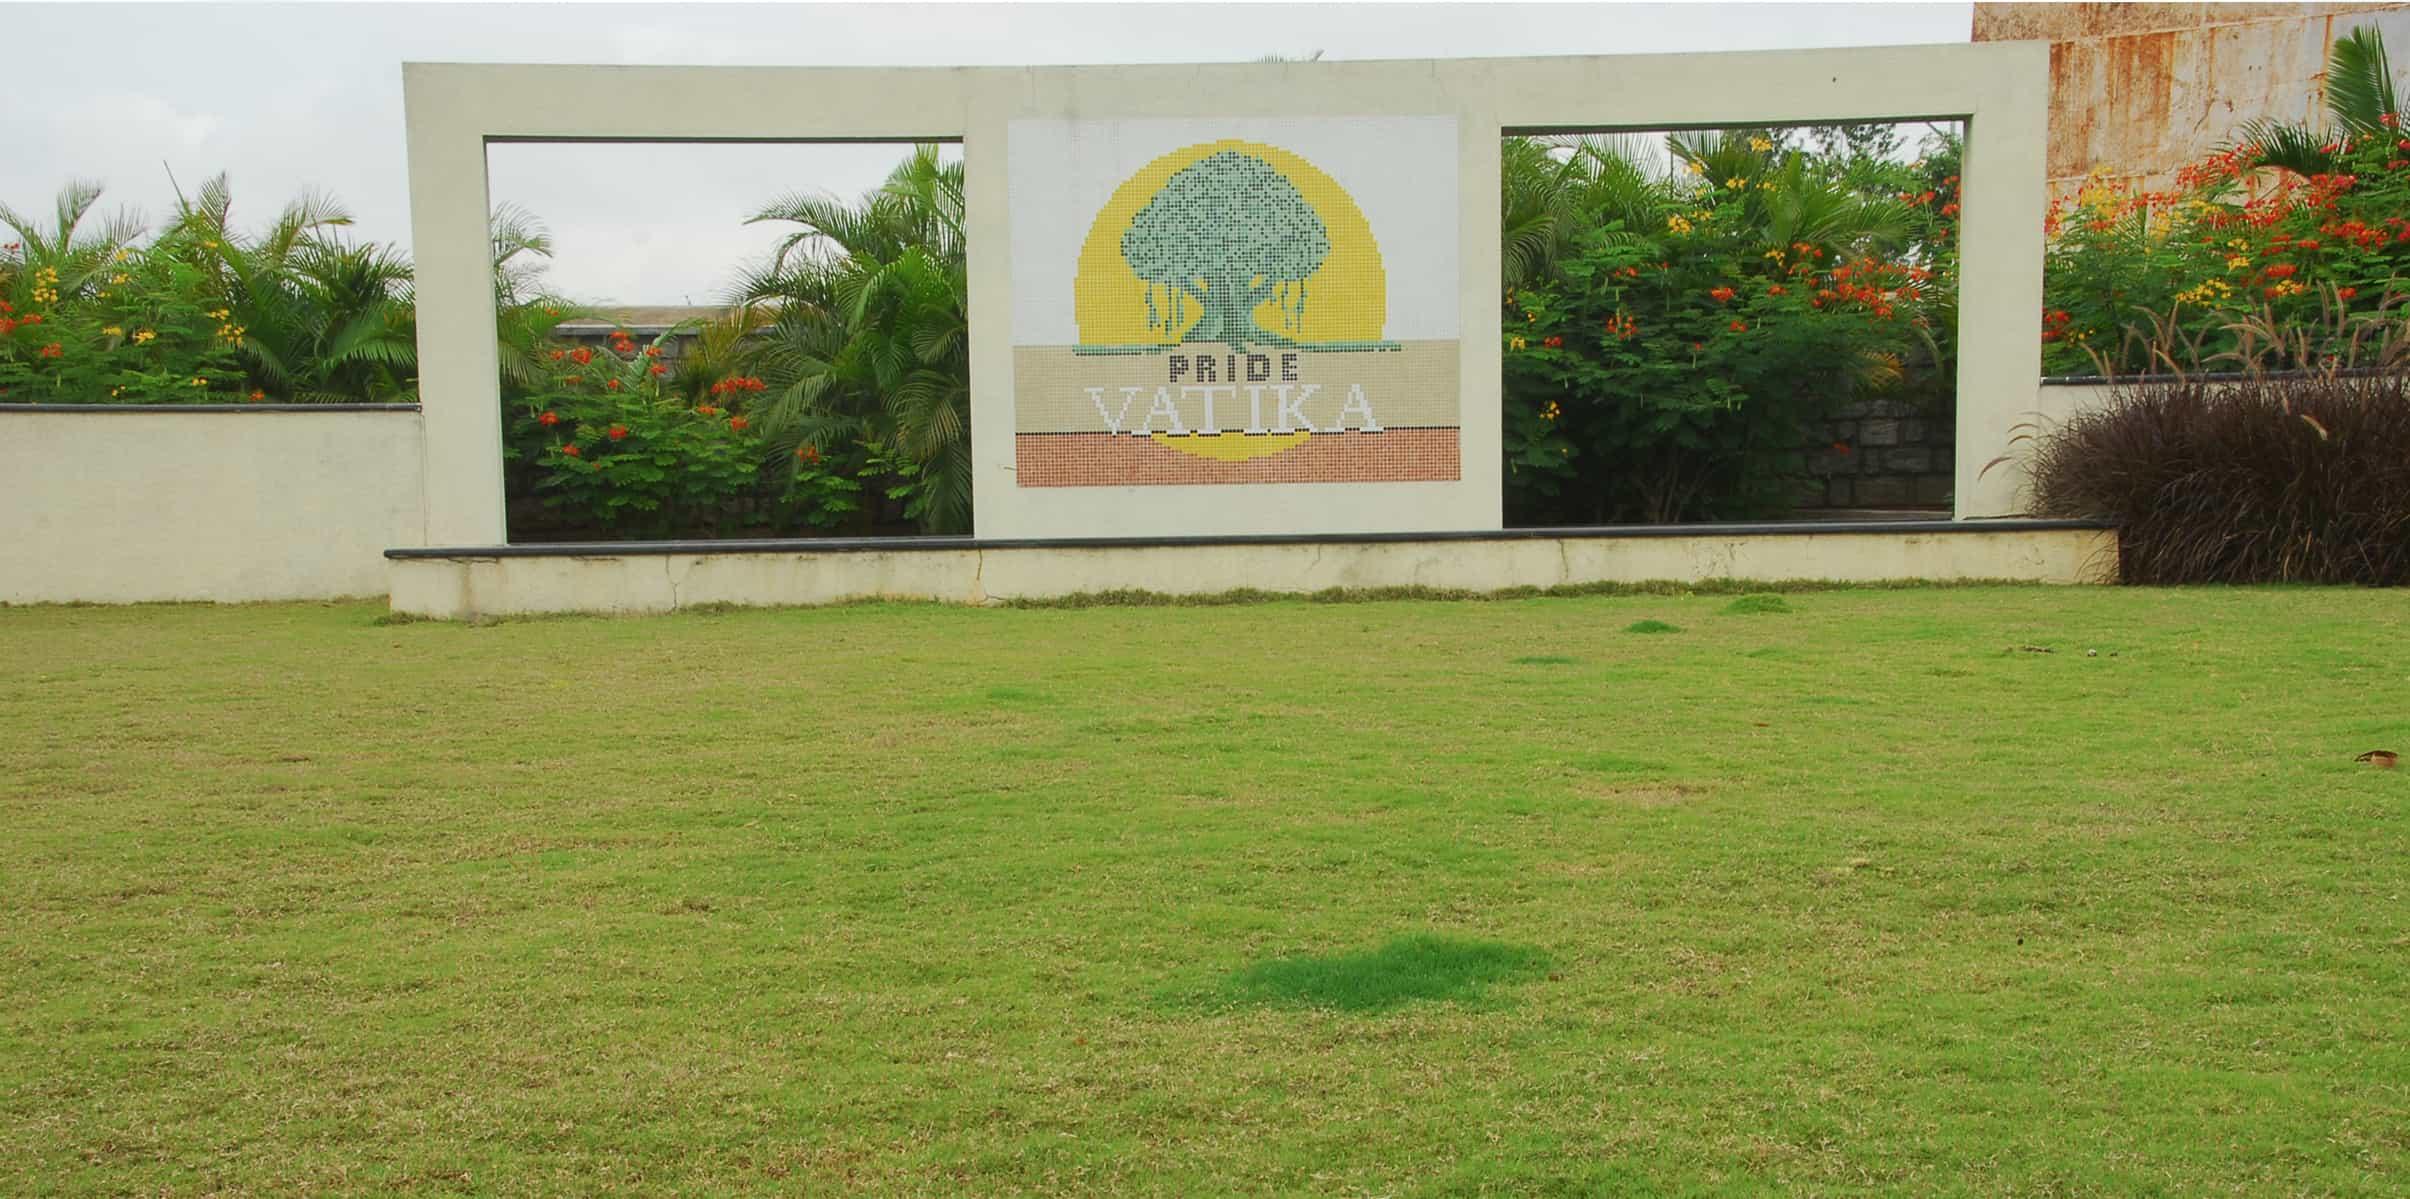 koppa gate bangalore